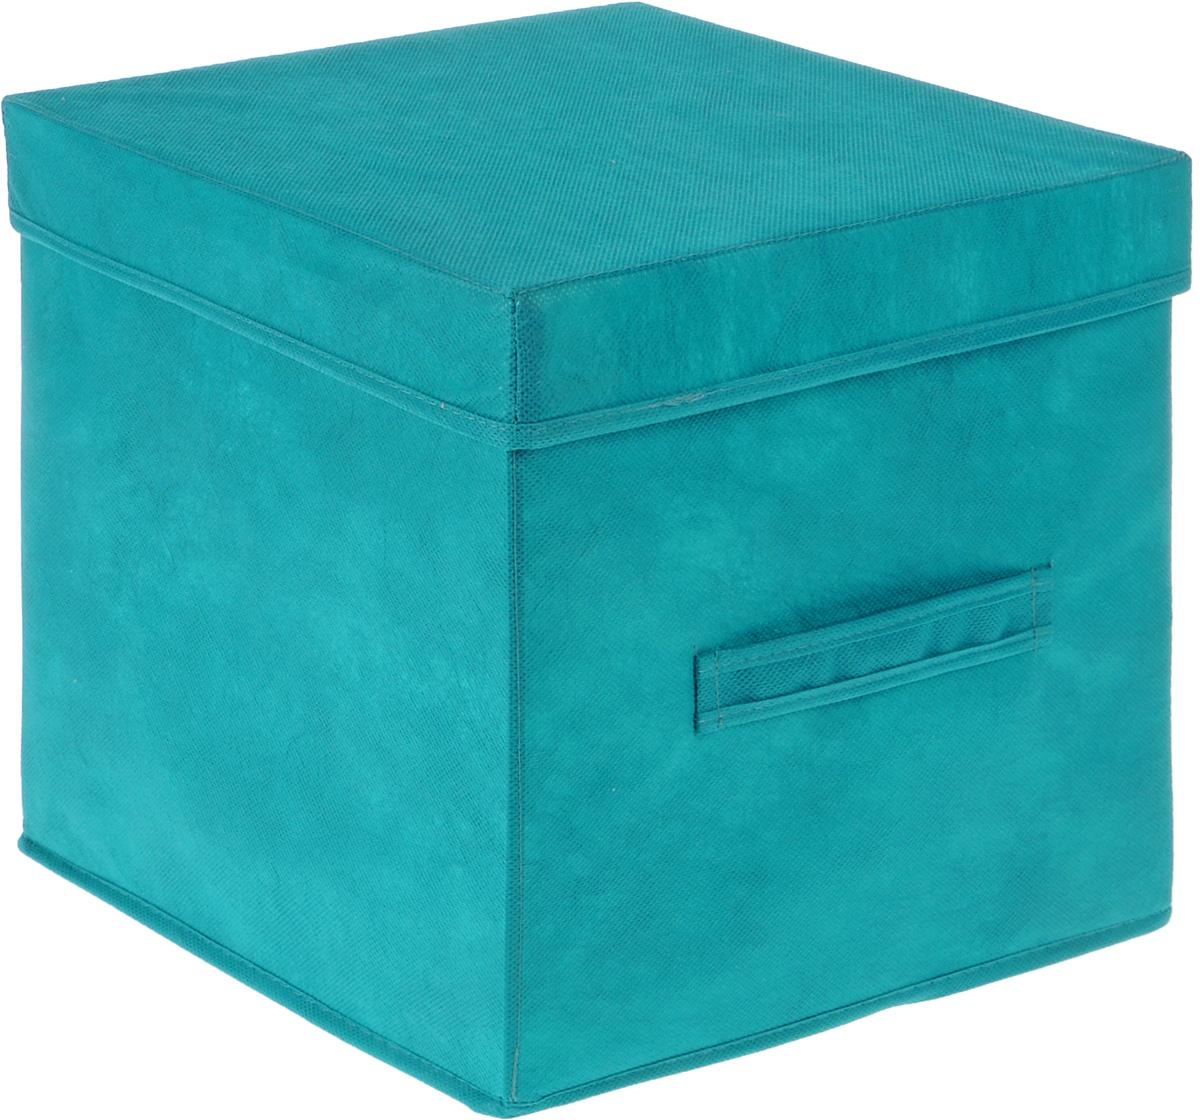 Коробка для вещей Все на местах Париж, с крышкой, цвет: бирюзовый, 30 х 30 х 30 см1004900000360Коробка с крышкой Все на местах выполнена из высококачественного нетканого материала, который обеспечивает естественную вентиляцию и предназначен для хранения вещей или игрушек. Он защитит вещи от повреждений, пыли, влаги и загрязнений во время хранения и транспортировки. Размер коробки: 30 х 30 х 30 см.